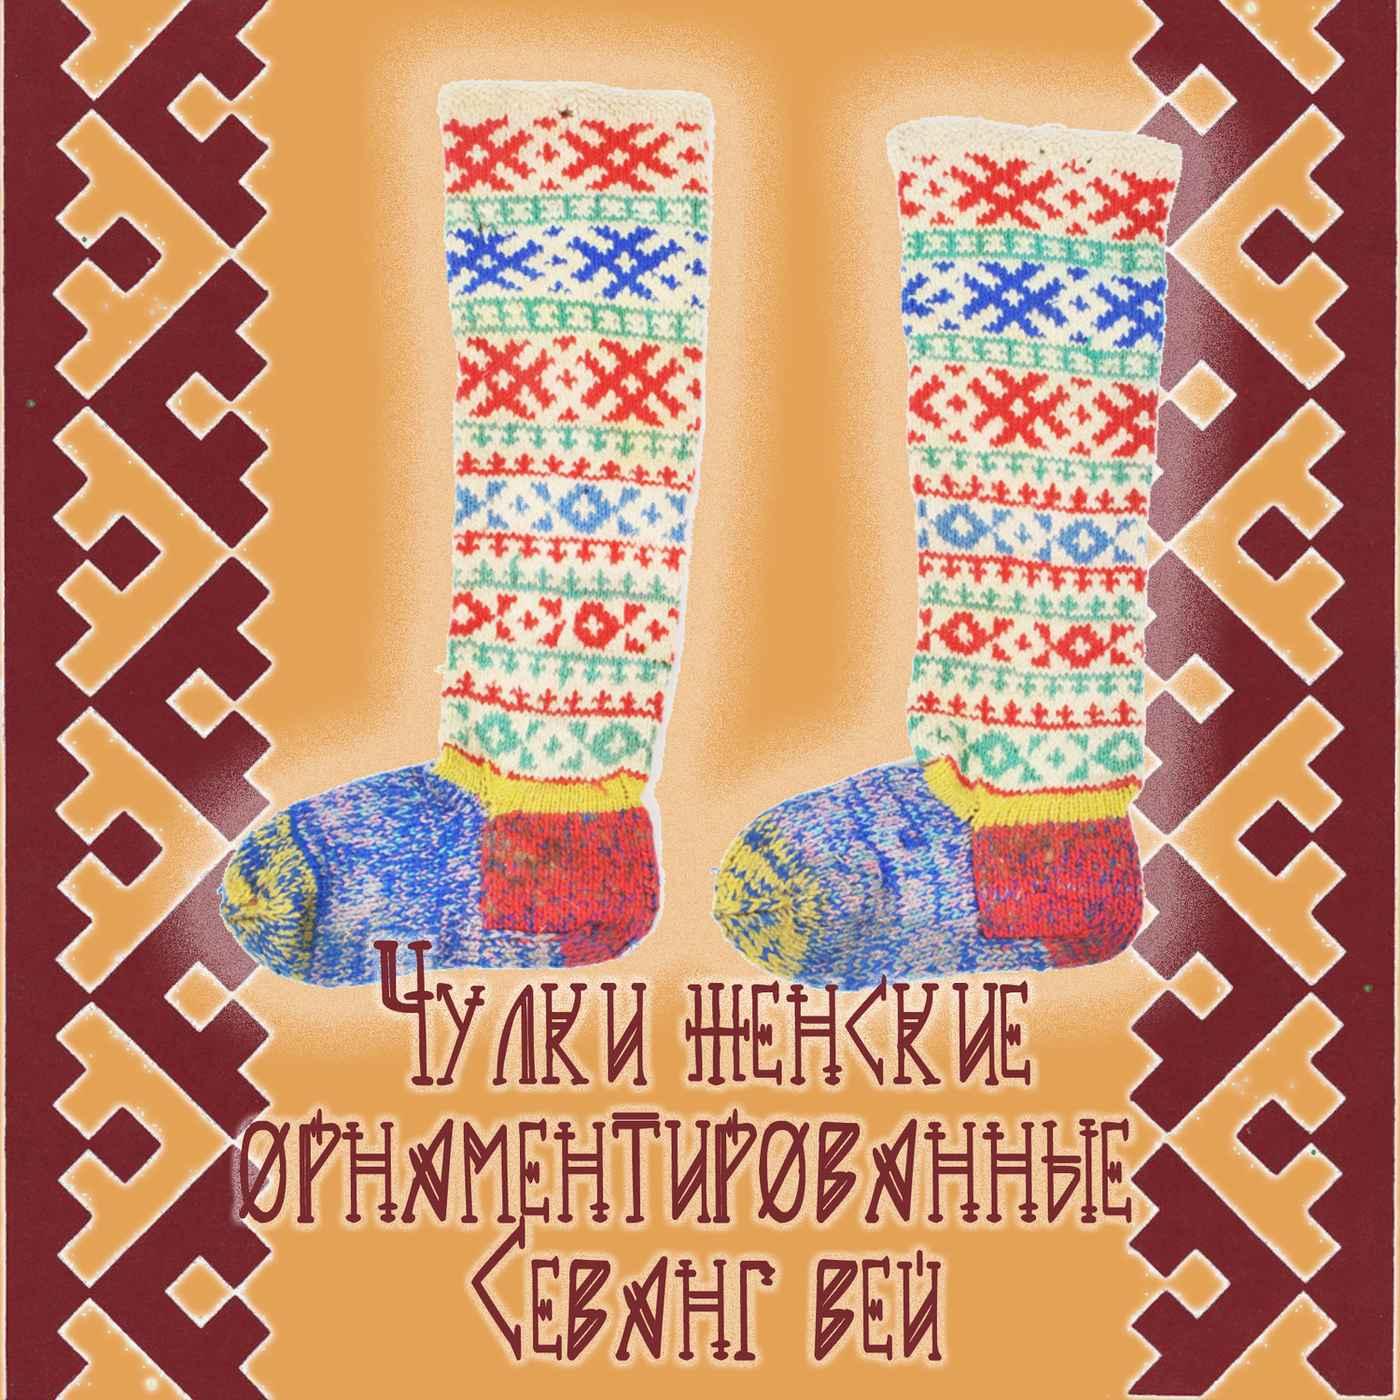 Чулки женские орнаментированные «Севанг вей»